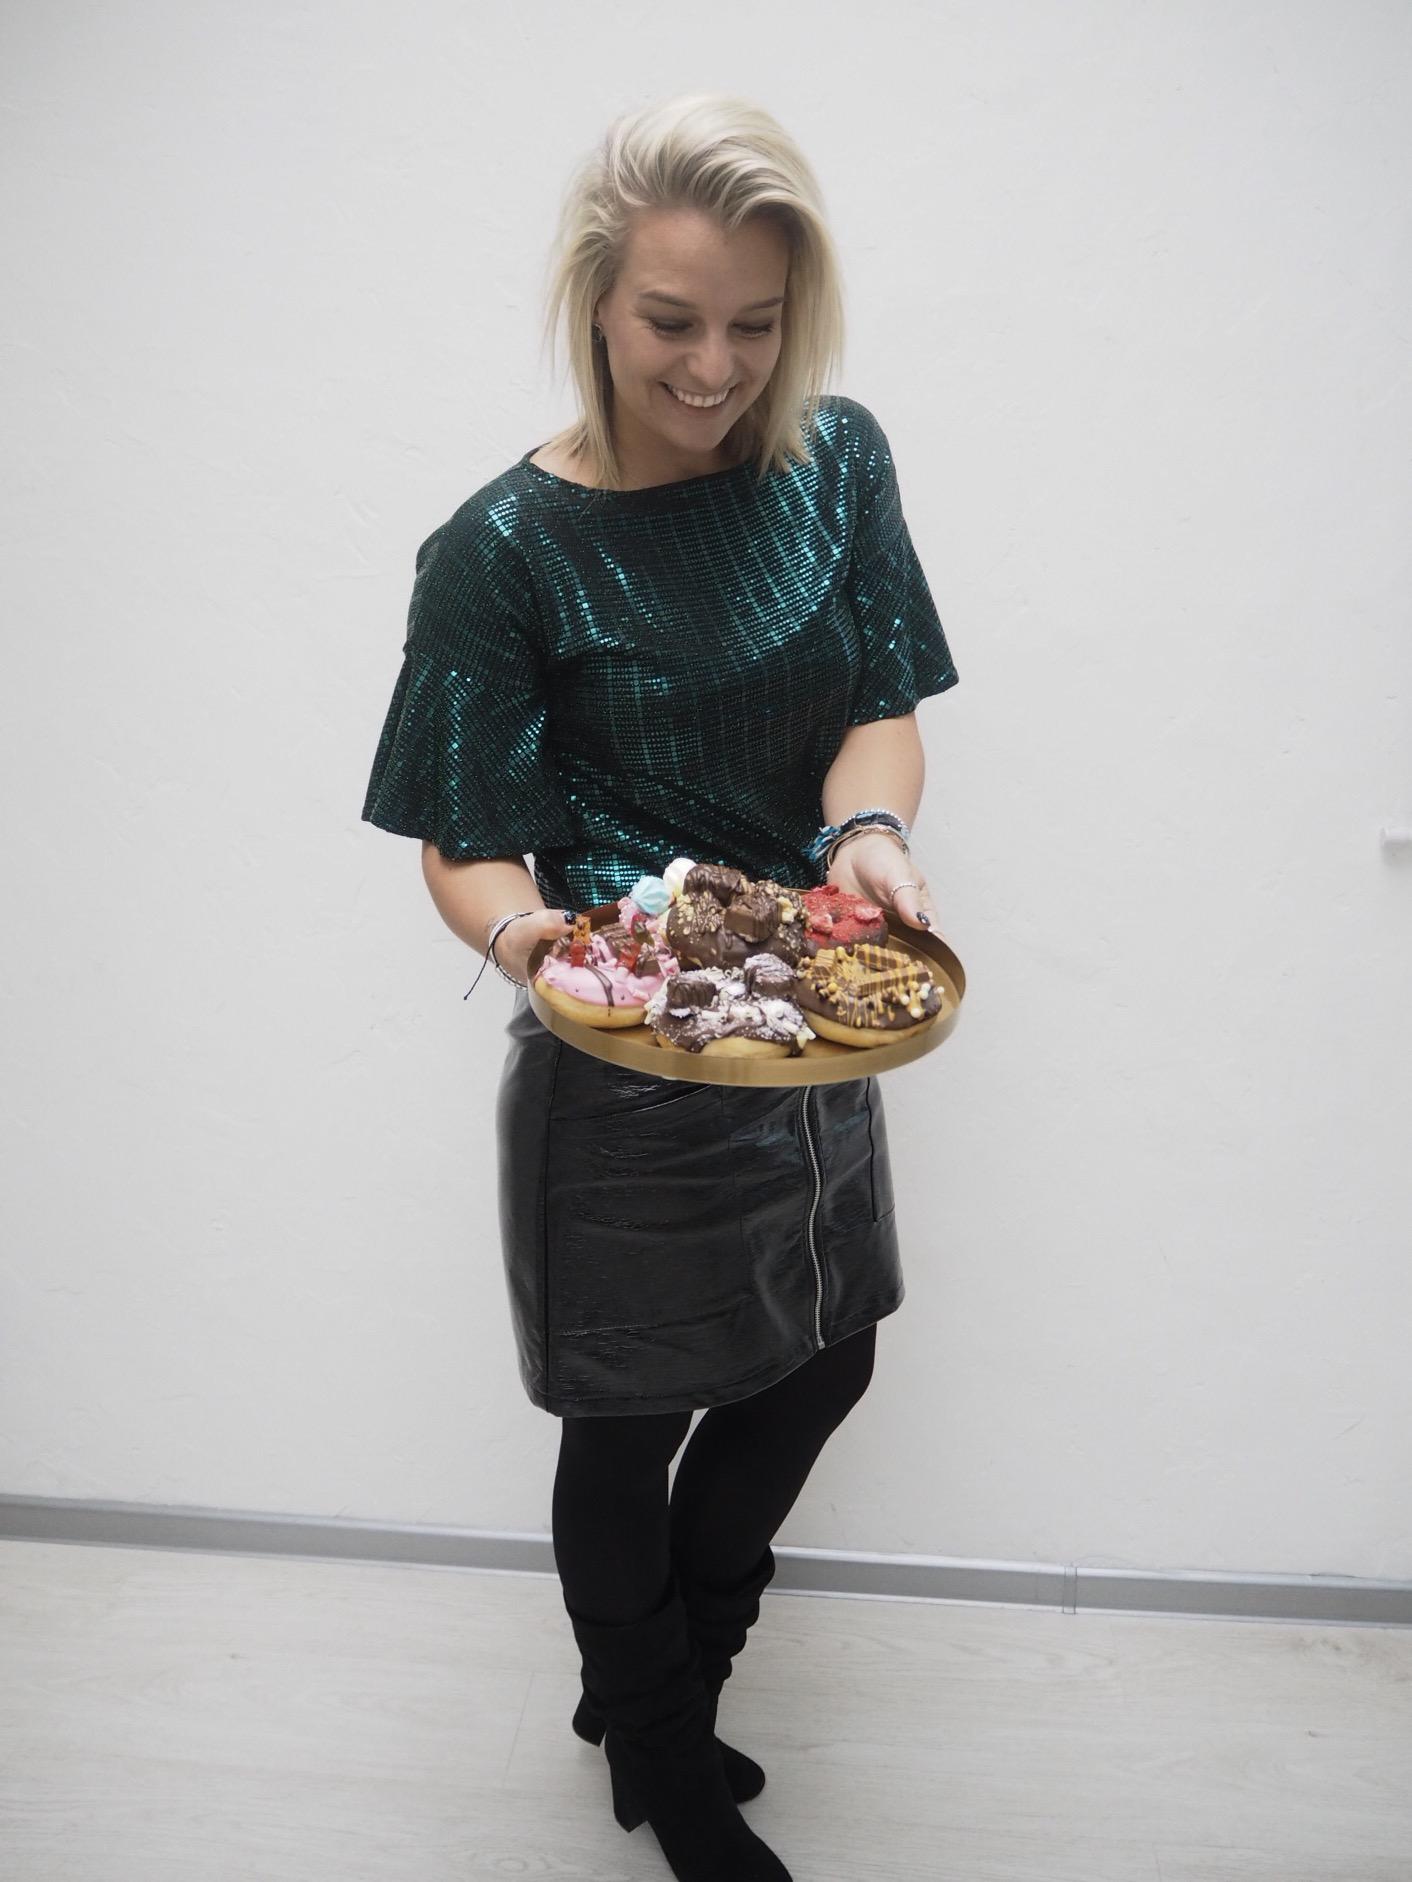 Tyhle dokonalé donuty byly také součástí flatlay workshopu s Aki.